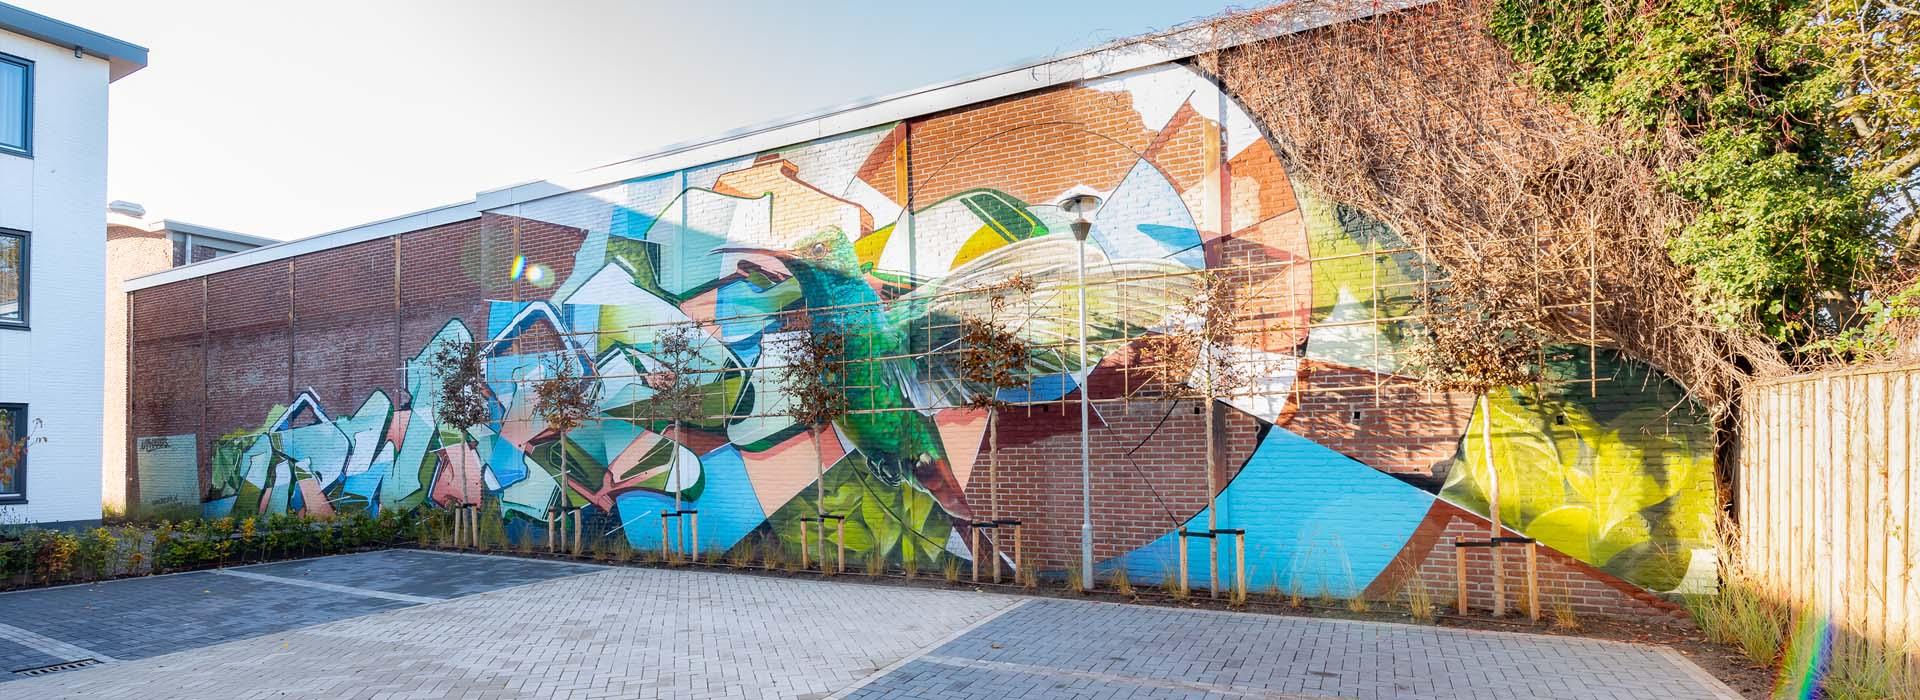 graffiti at parking lot at The Cube